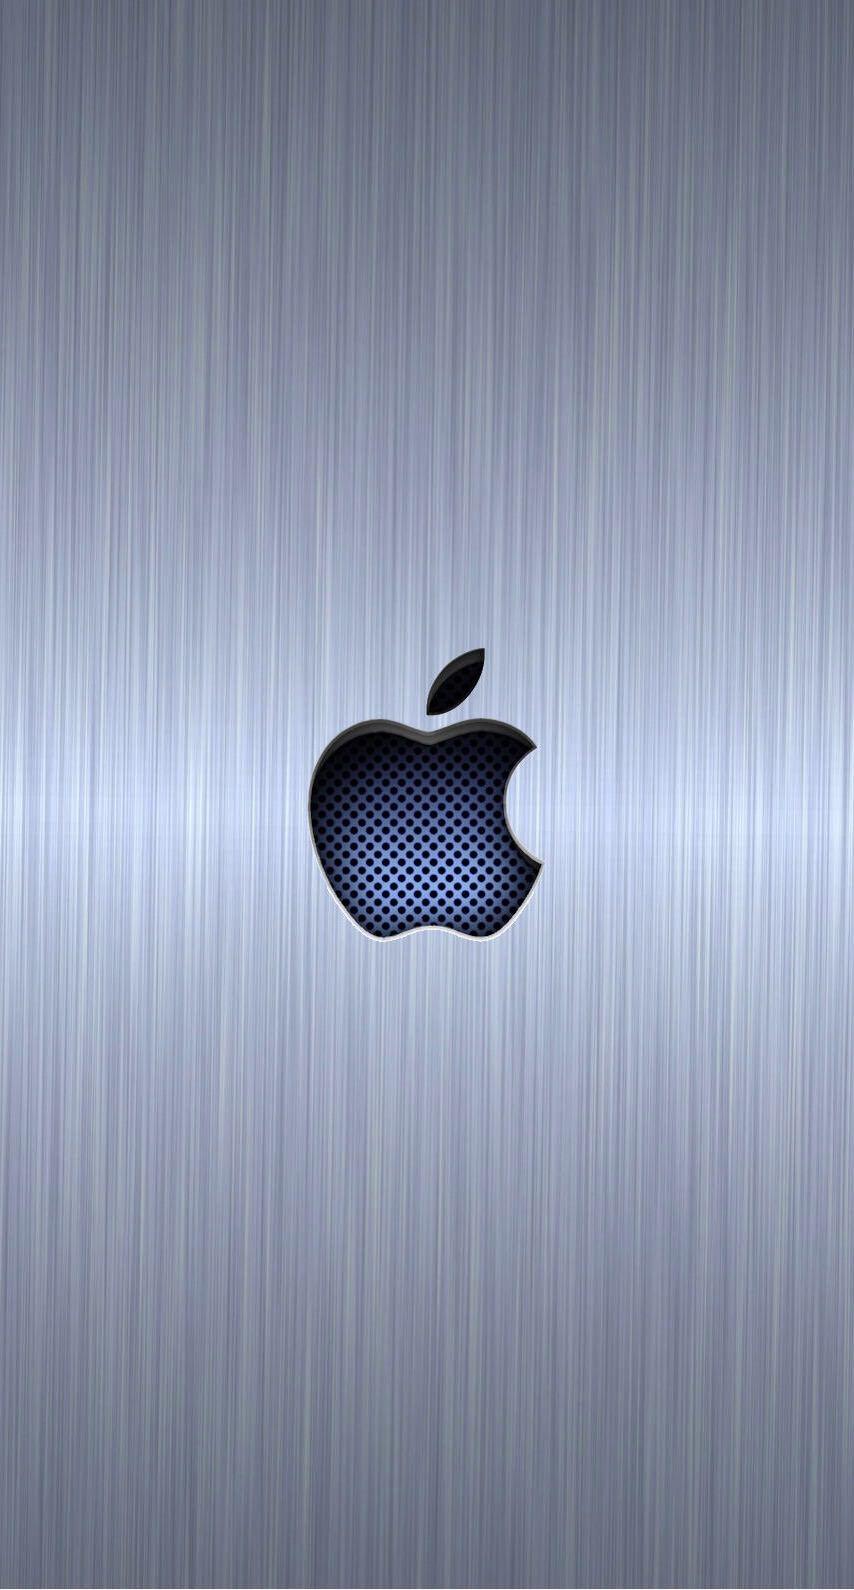 Iphone Ios 7 Wallpaper Ipad Apple